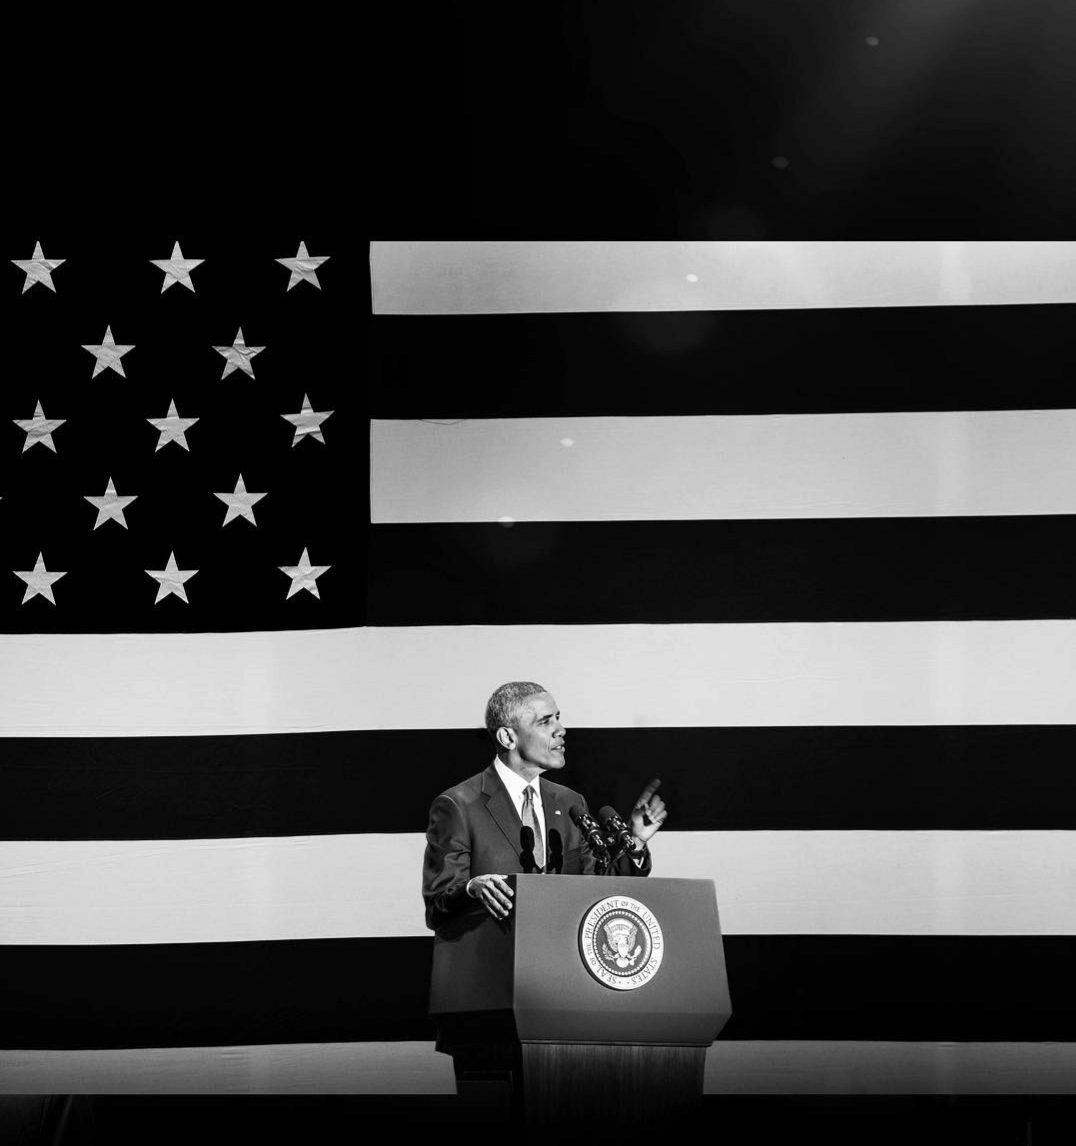 Último discurso de Barack Obama como Presidente de los EEUU.